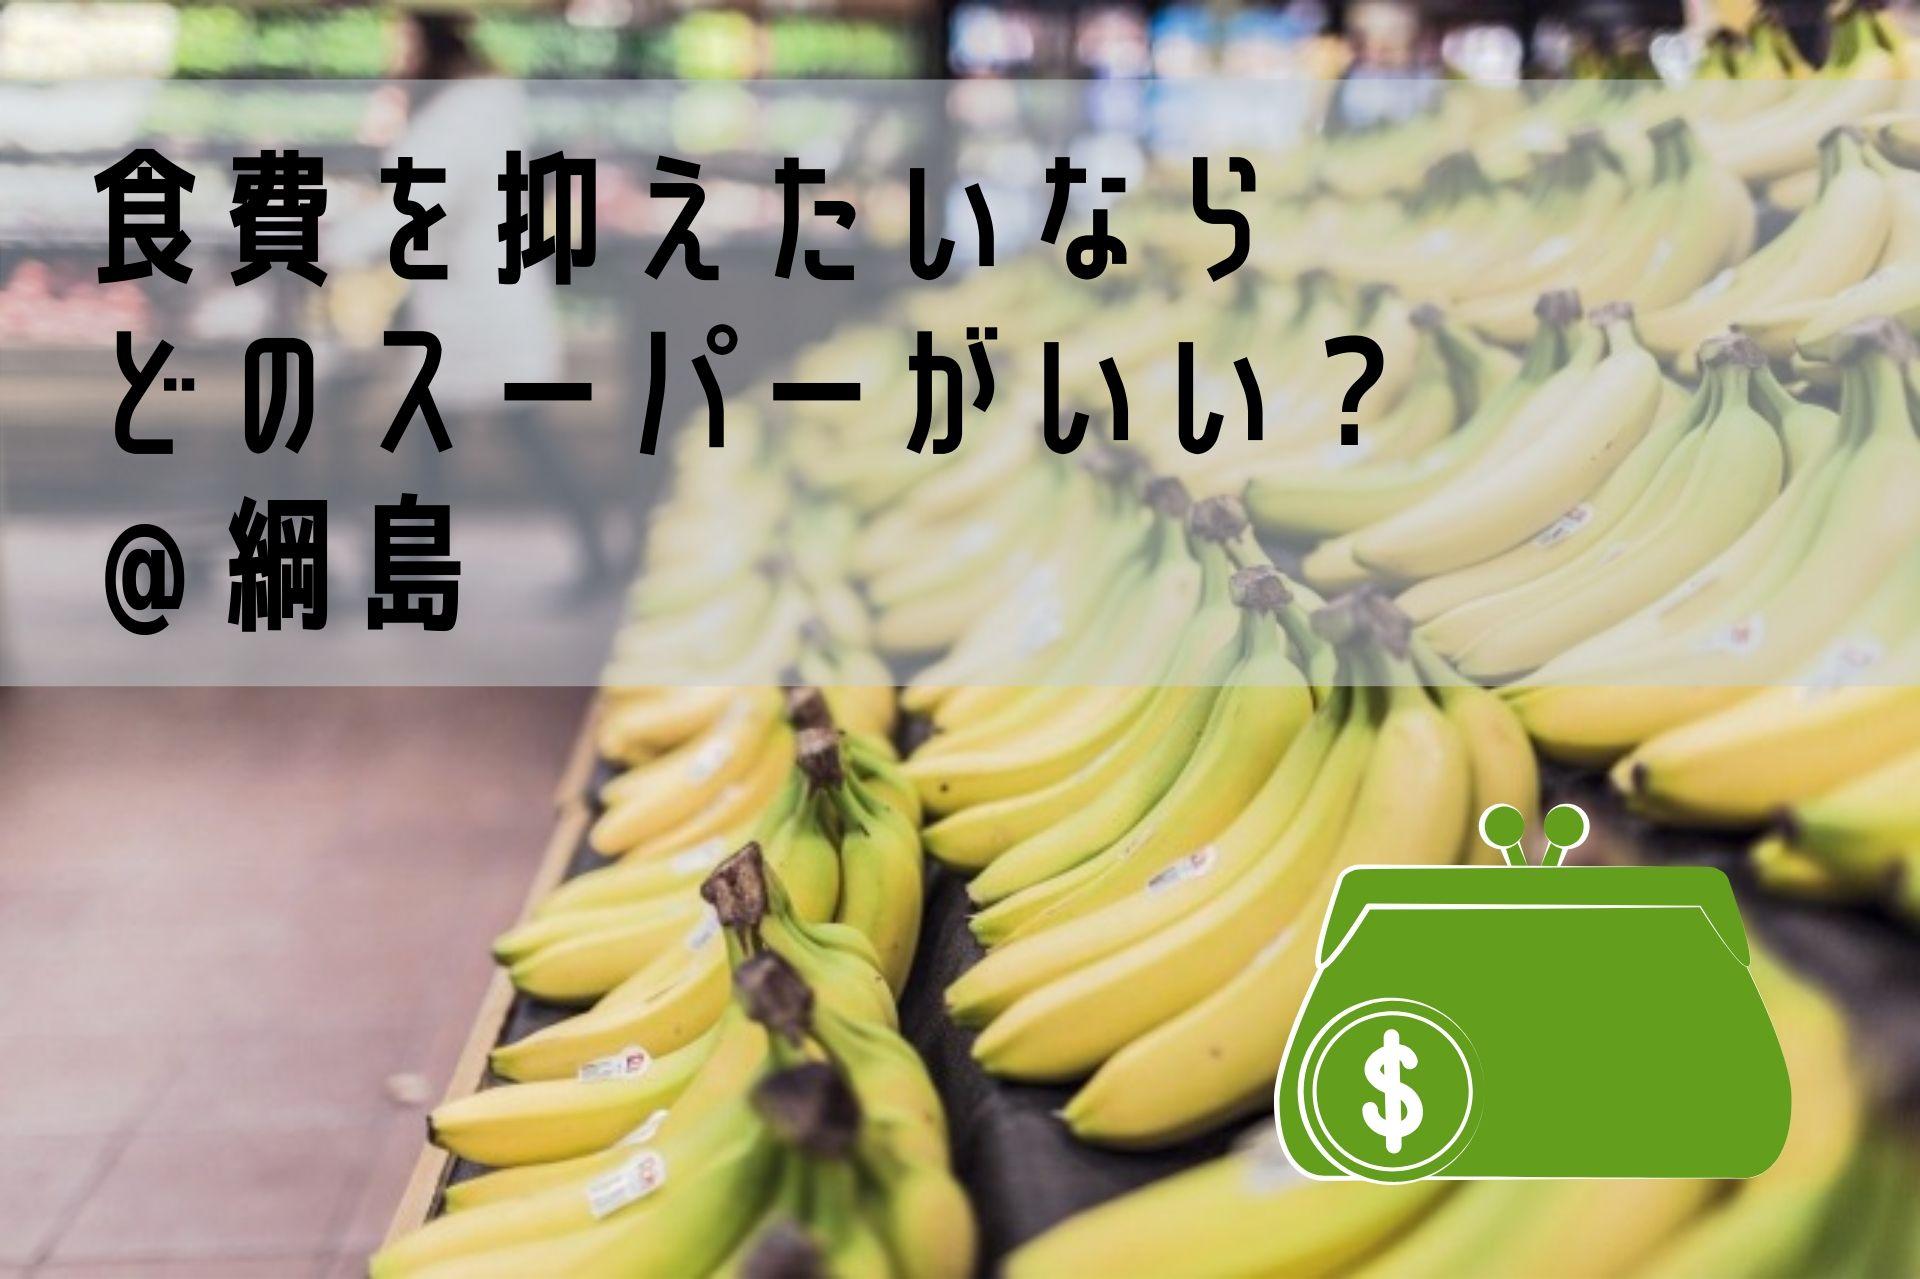 綱島で安いスーパーどこ?